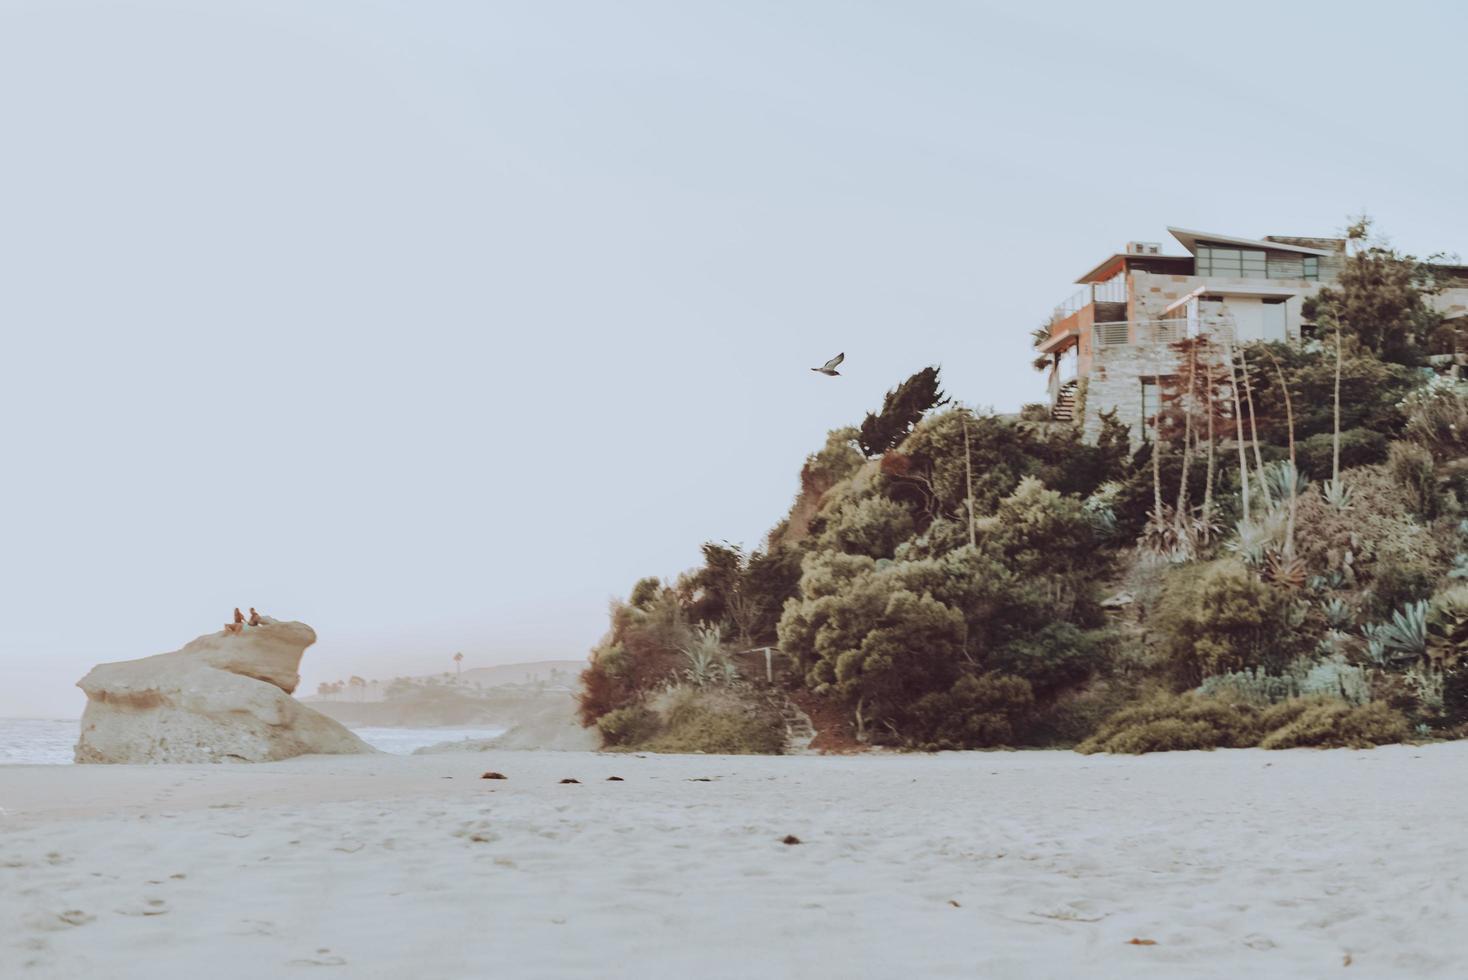 Newport Beach, 2020 - Casa blanca y marrón cerca del cuerpo de agua durante el día foto